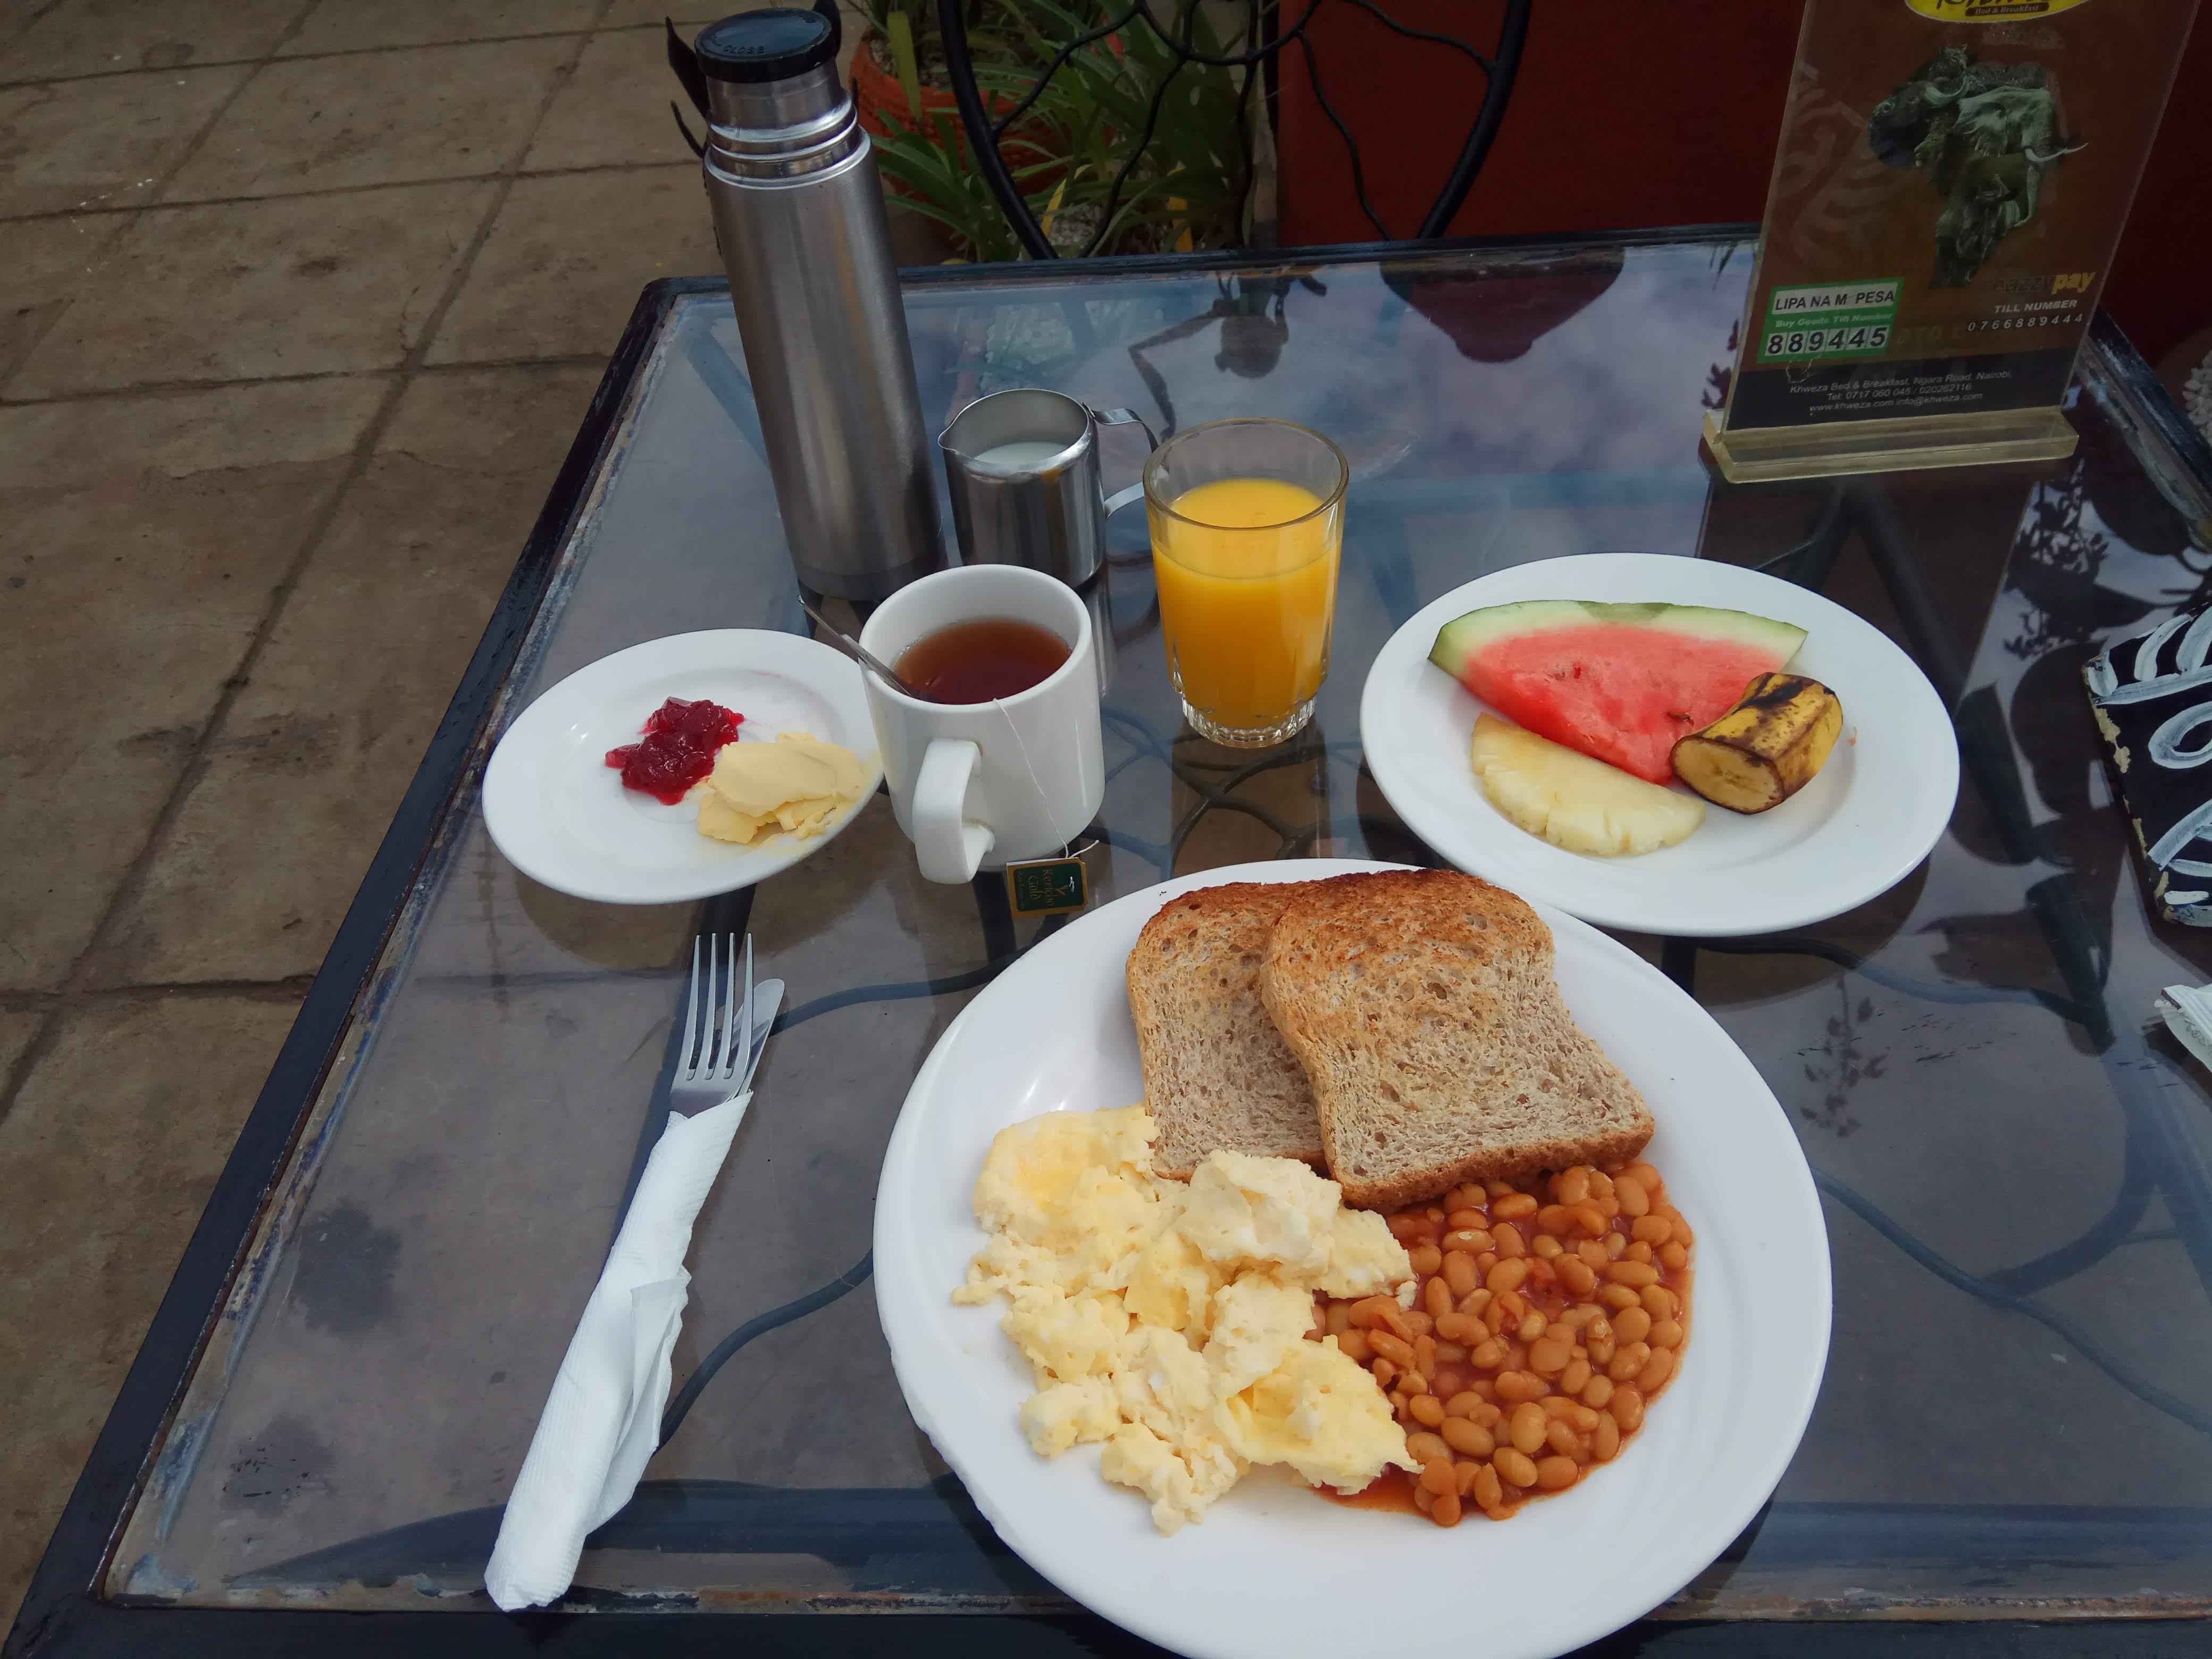 A tasty breakfast spread